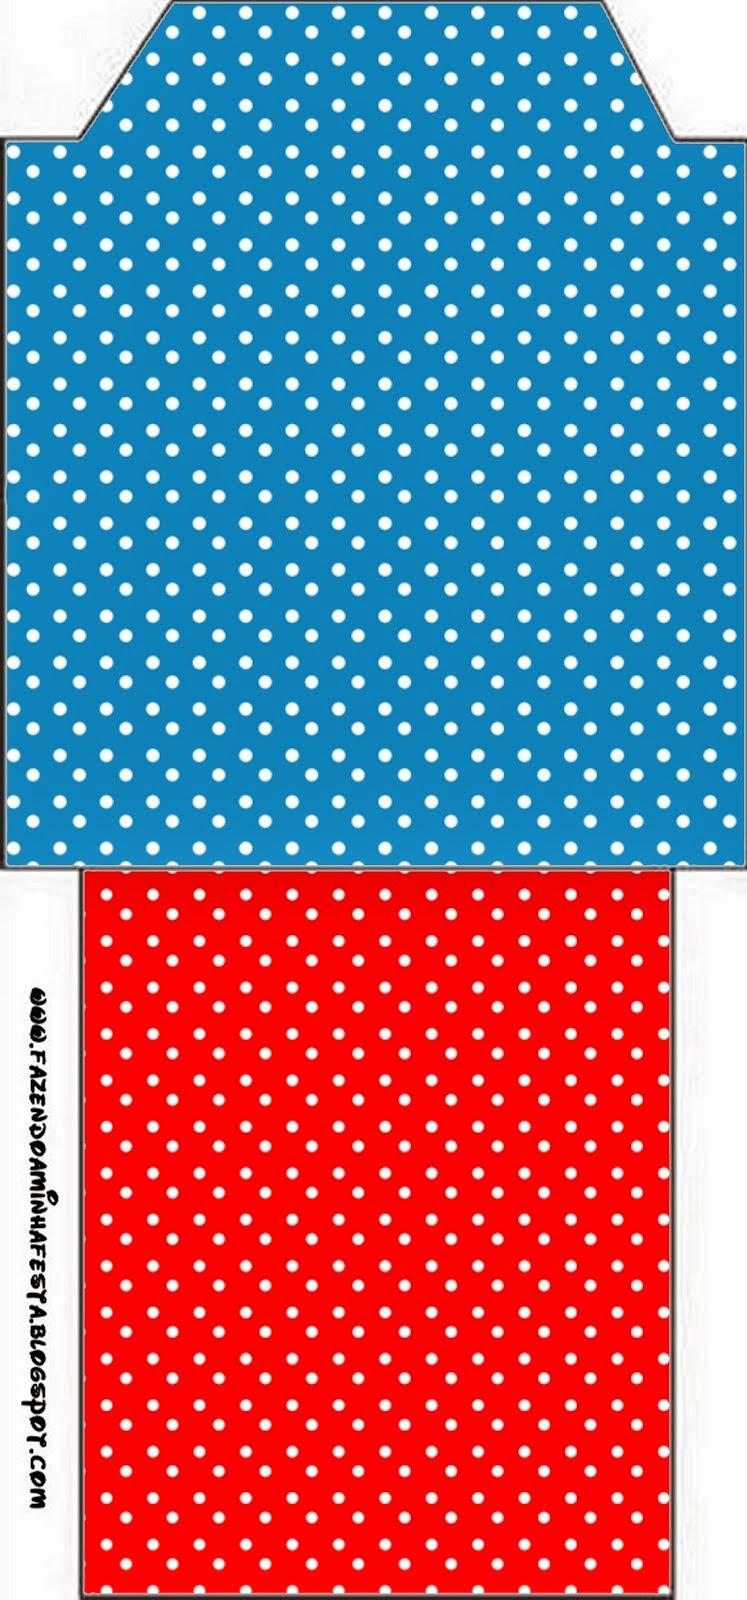 Bolsita de Té para imprimir gratis de Rojo, Amarillo y Azul.